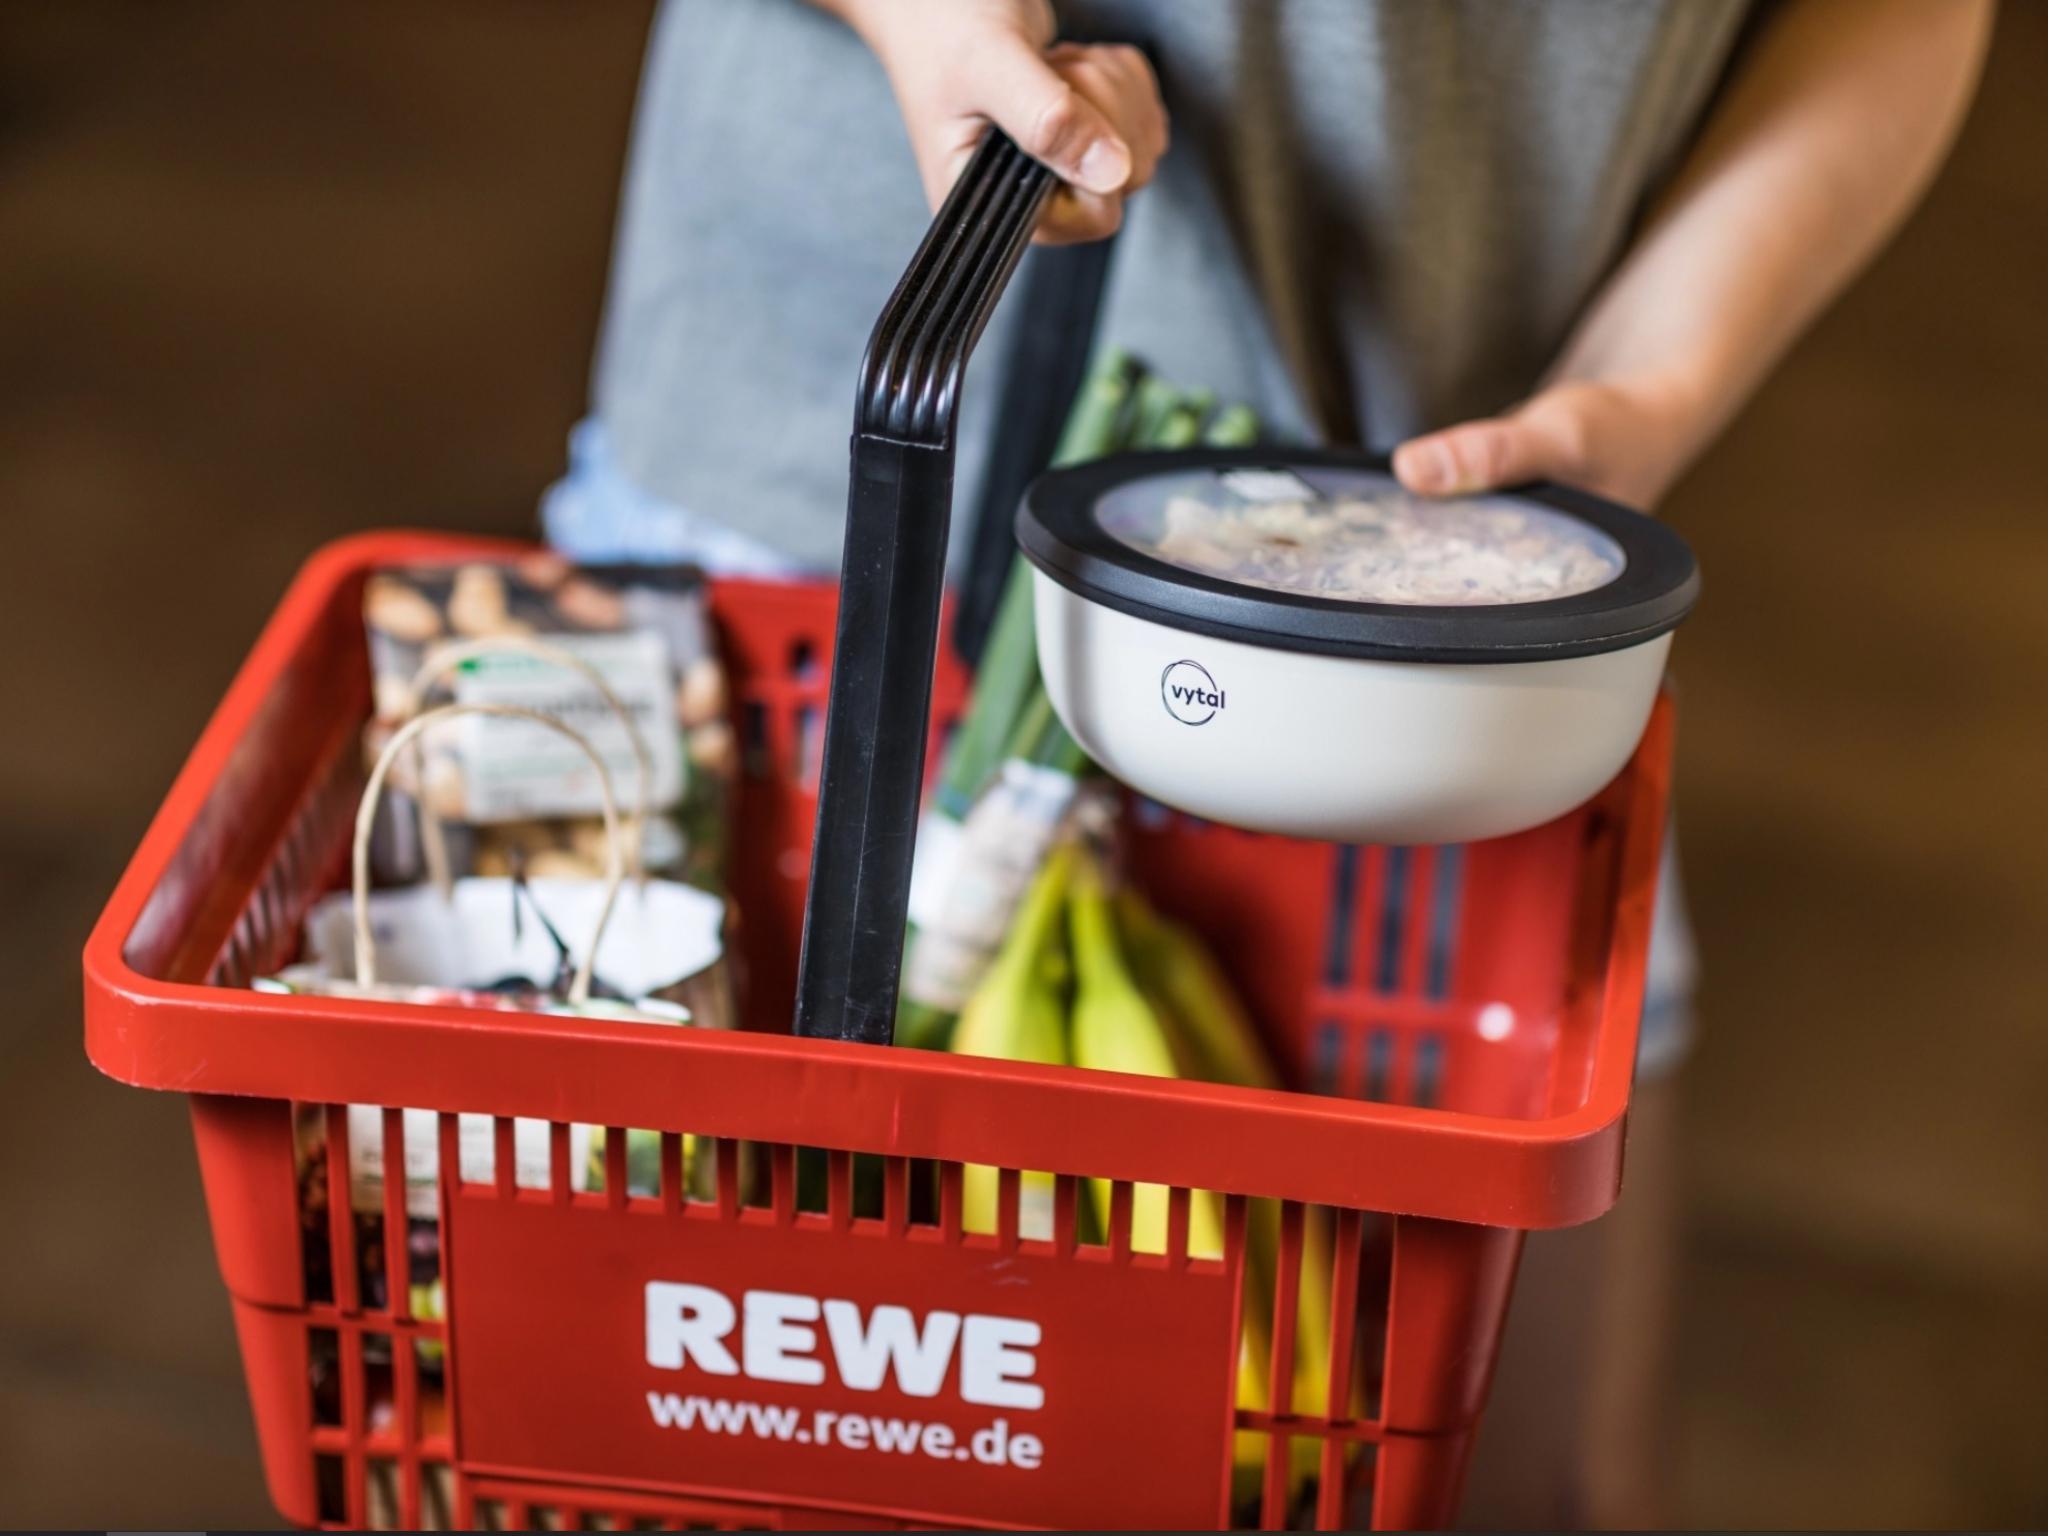 VYTAL-Schale-im-REWE-Einkaufskorb. Foto: Presse REWE